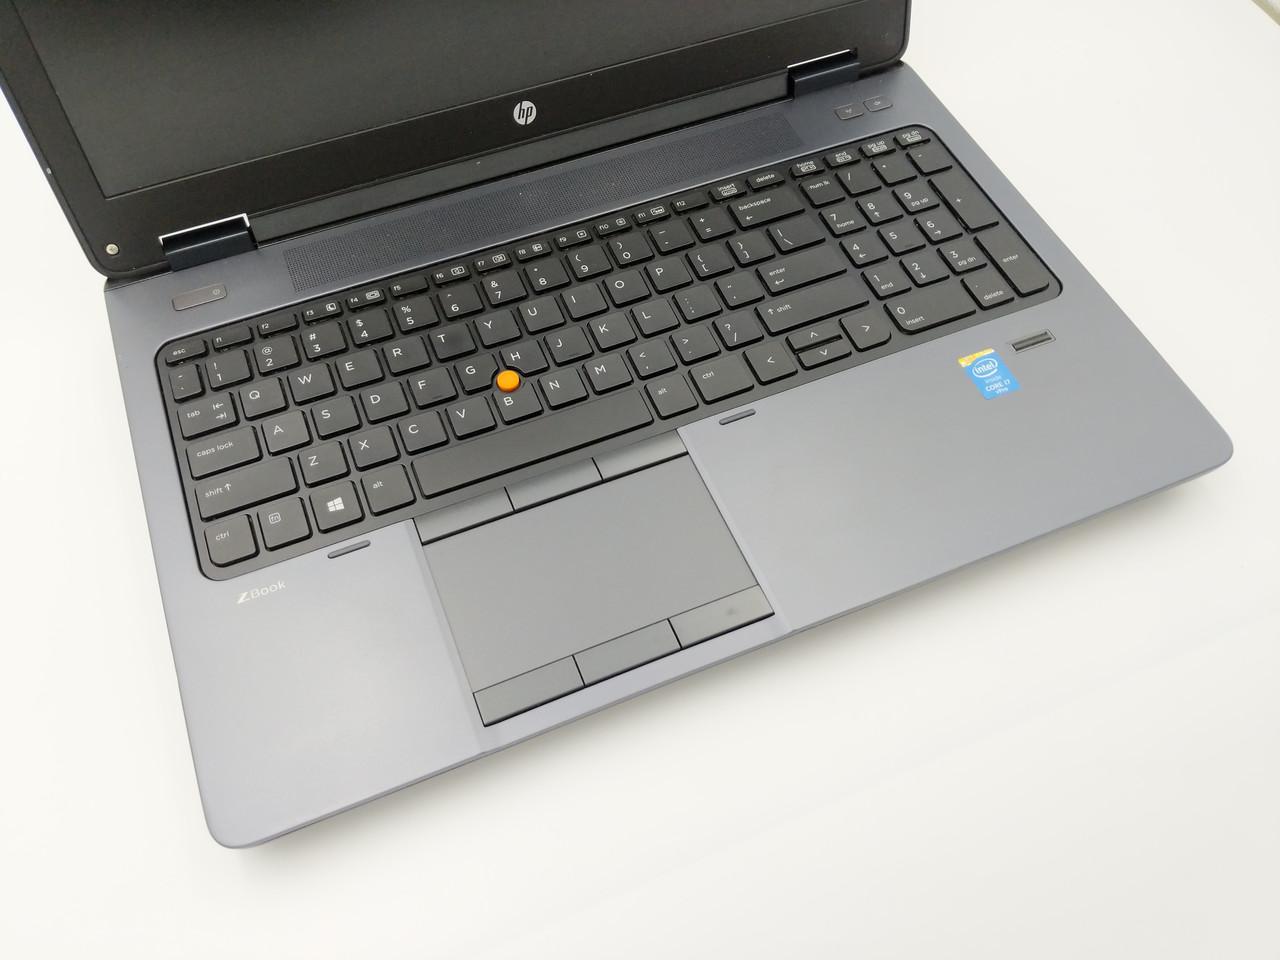 Б/У HP ZBOOK 15 G2 FHD IPS 15.6 I7-4800MQ/ 16 GB /SSD 128ГБ + HDD 750 Нет в наличии 4